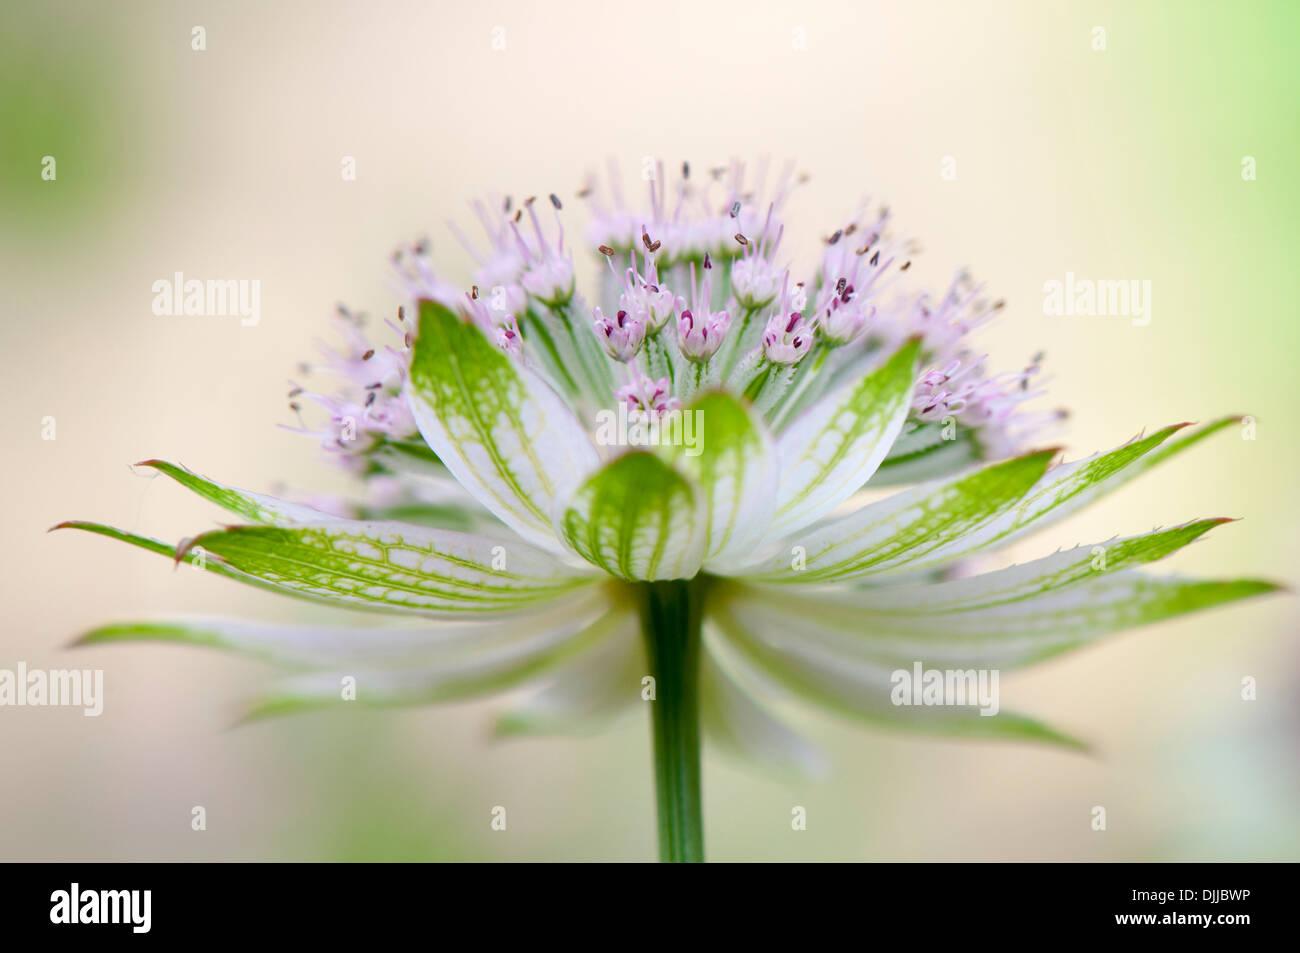 Close-up immagine di un unico bianco/rosa Astrantia major fiore comunemente noto come Masterwort, immagine presa Immagini Stock